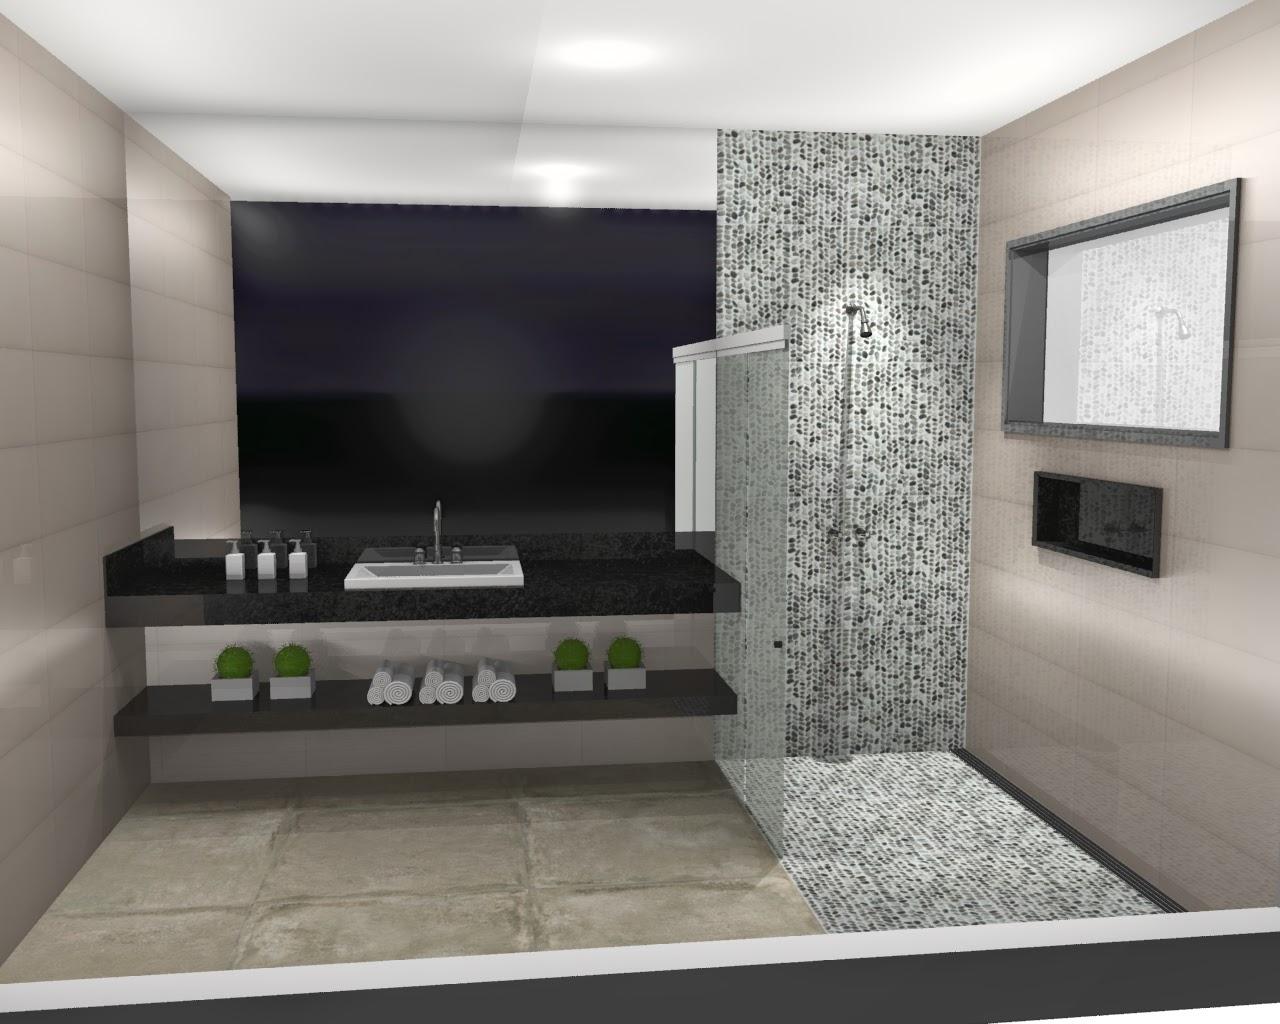 parede geral) Revestimento cor Nude com brilho tamanho 30x60  #70655B 1280x1024 Banheiro Com Porcelanato Concreto